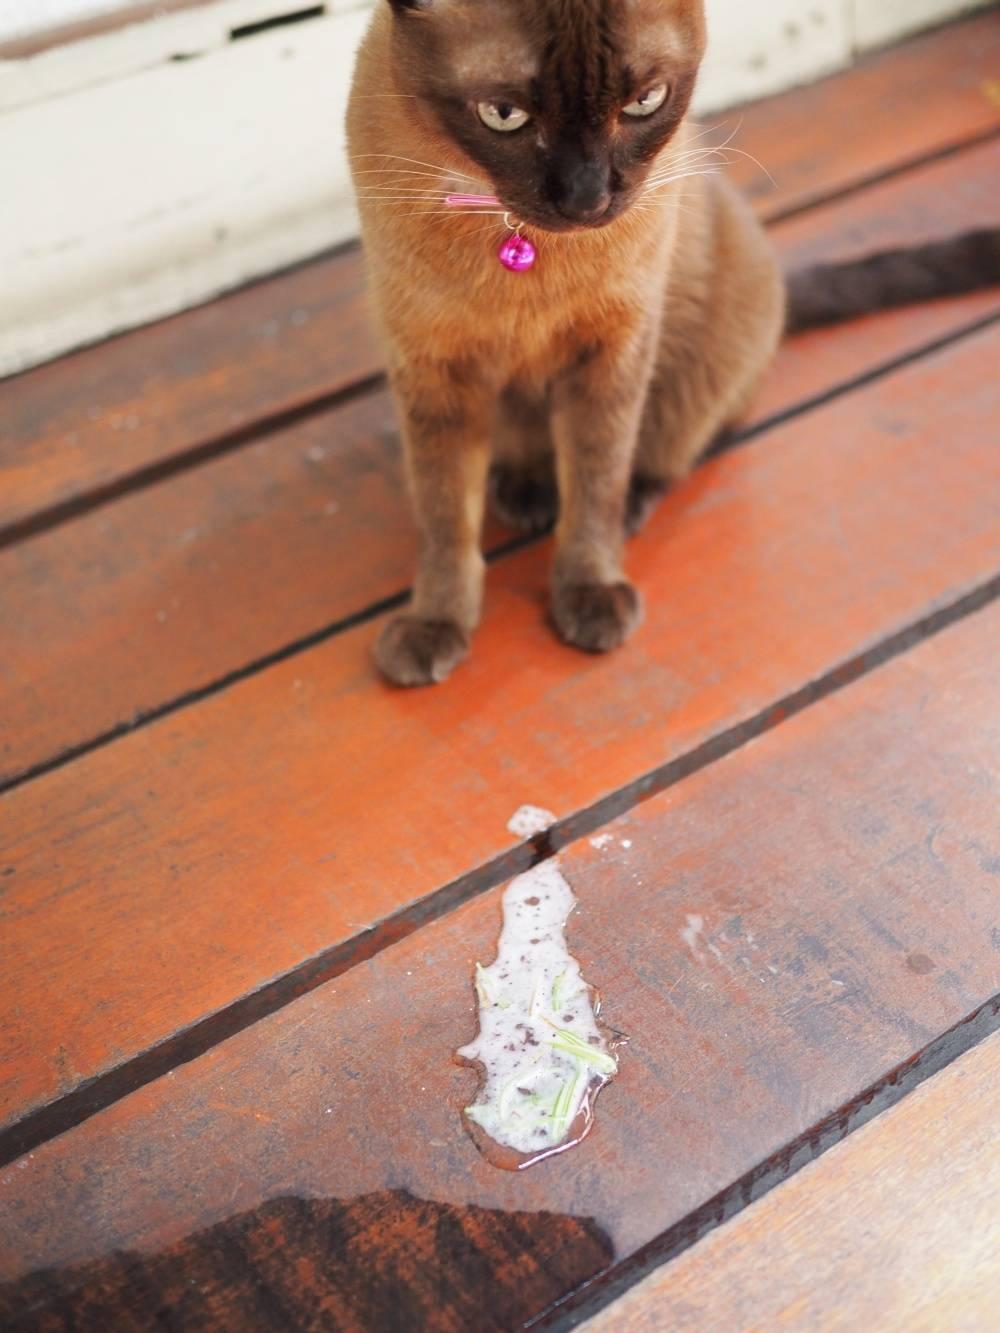 Пена изо рта у кошки или кота: причина и что делать | почему идет белая пена